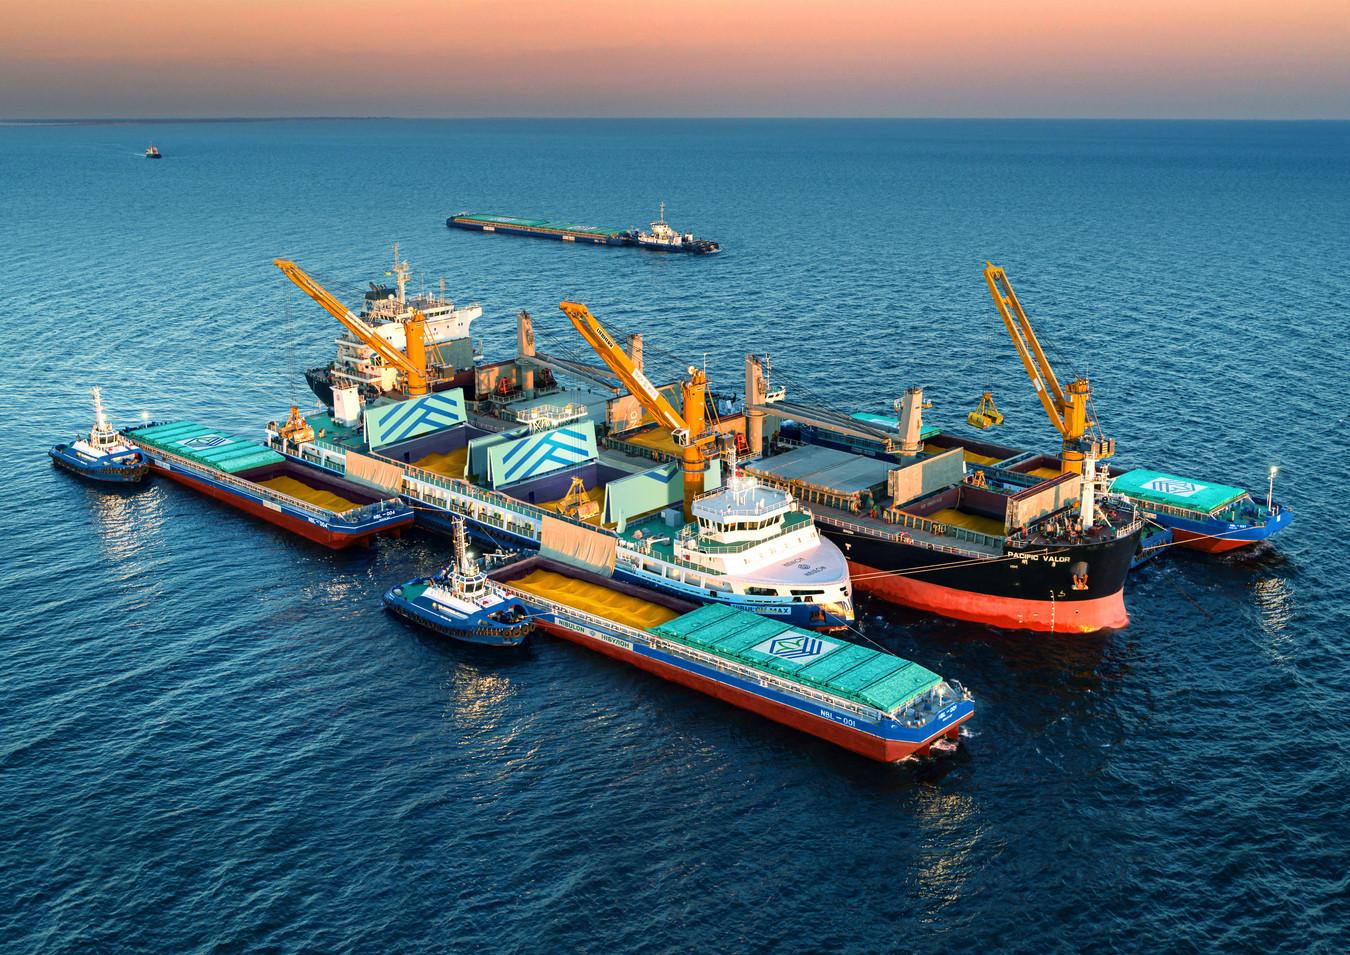 Вже втретє експерти Національного морського рейтингу України визнали Олексія Вадатурського «Людиною року на водному транспорті»